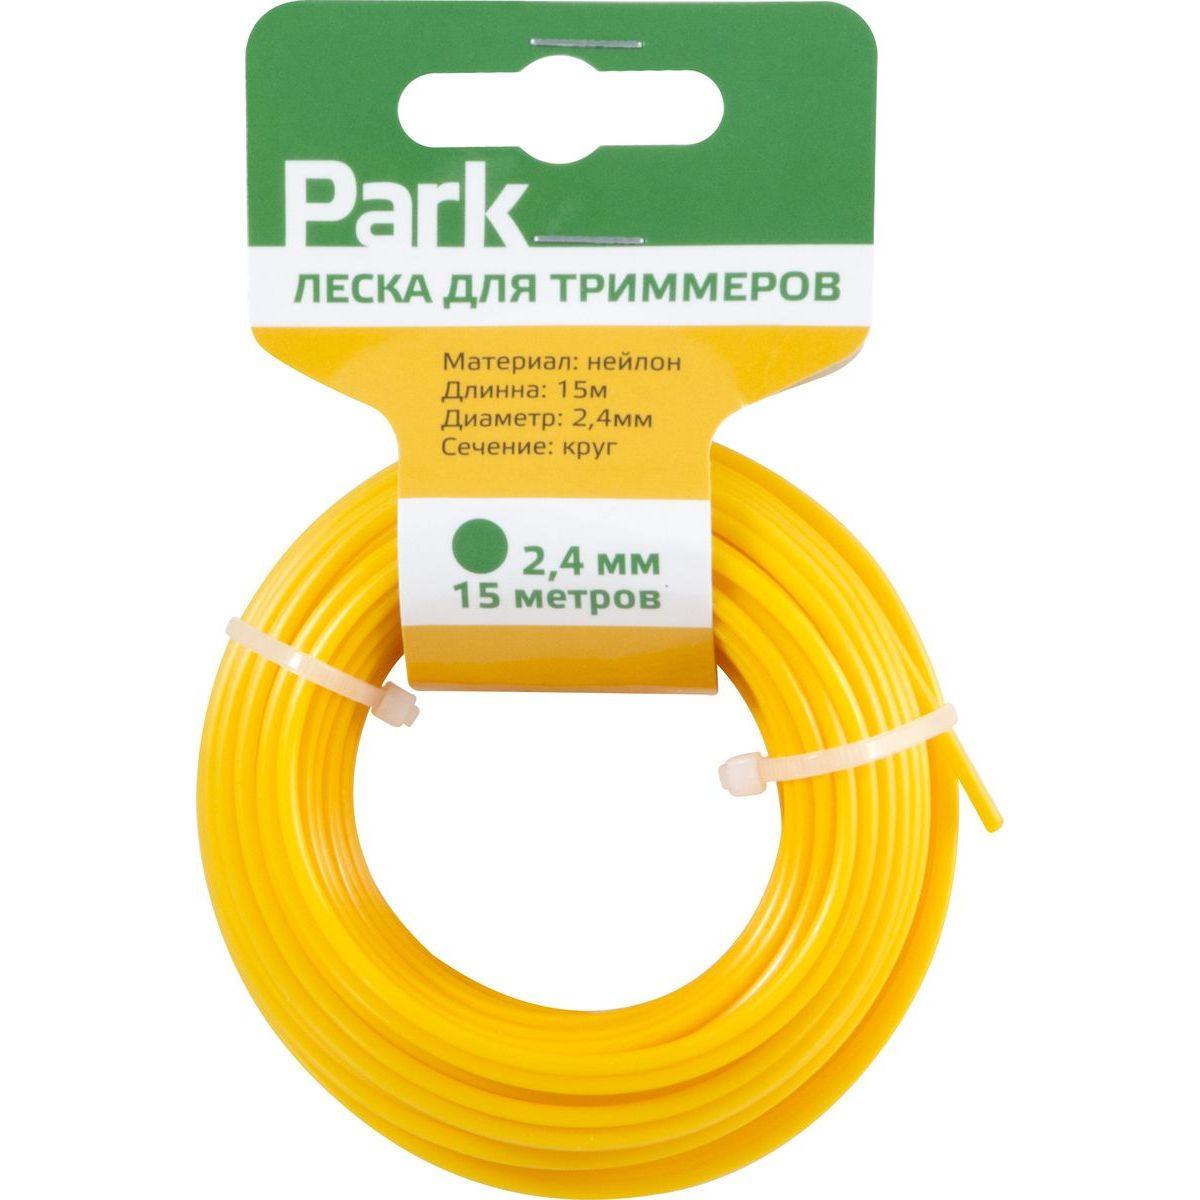 Леска для триммеров Park, круг, 990596, желтый, 2,4 мм, 15 м